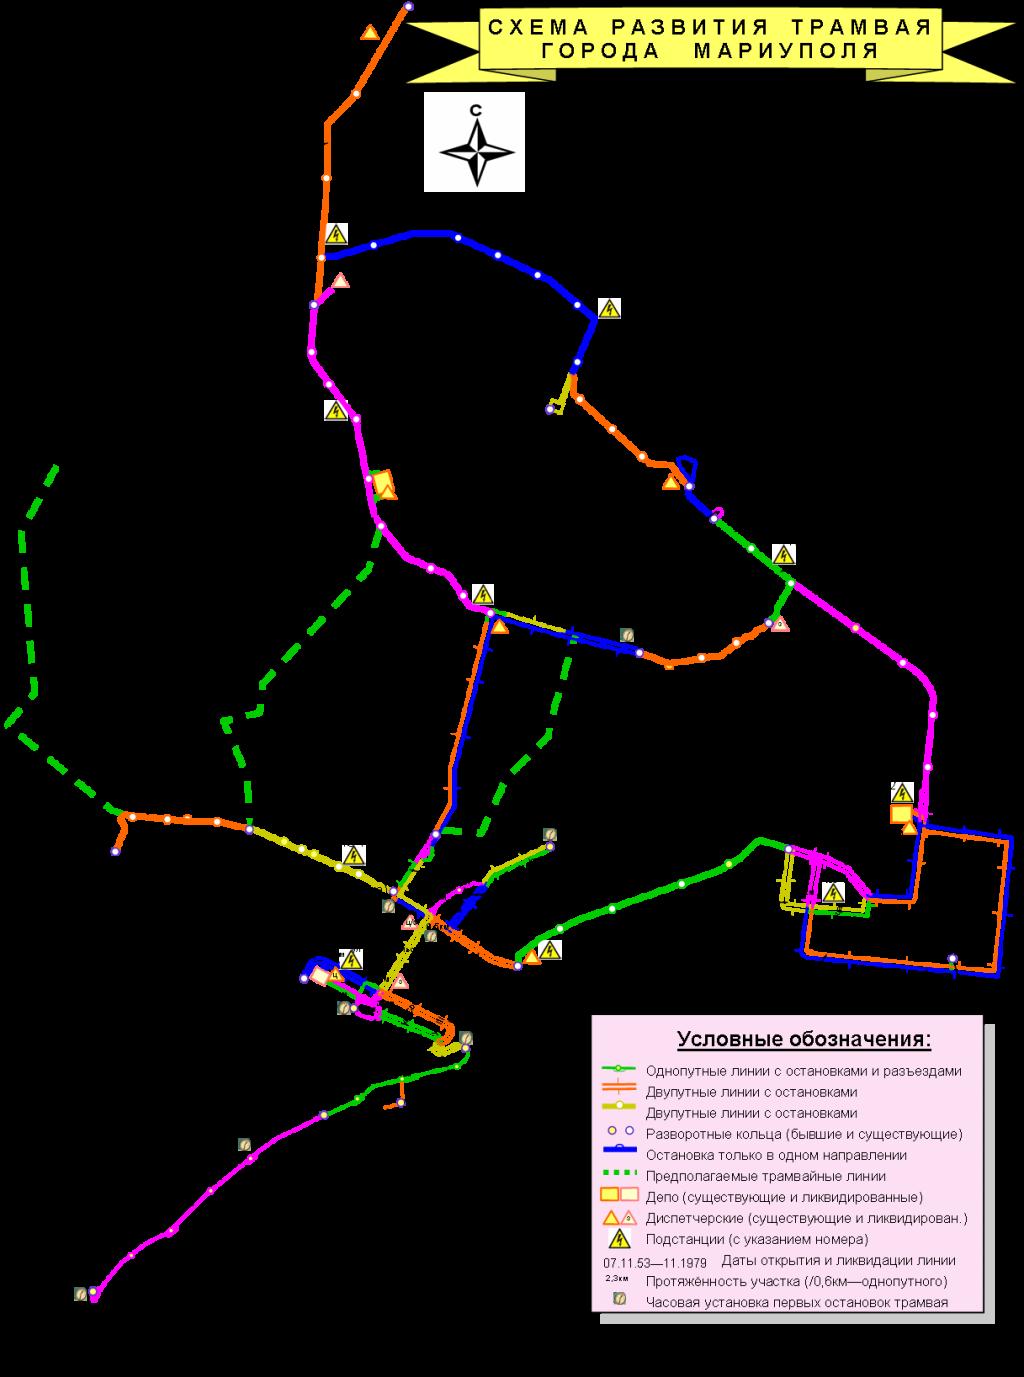 Карта истории развития трамвайной сети города